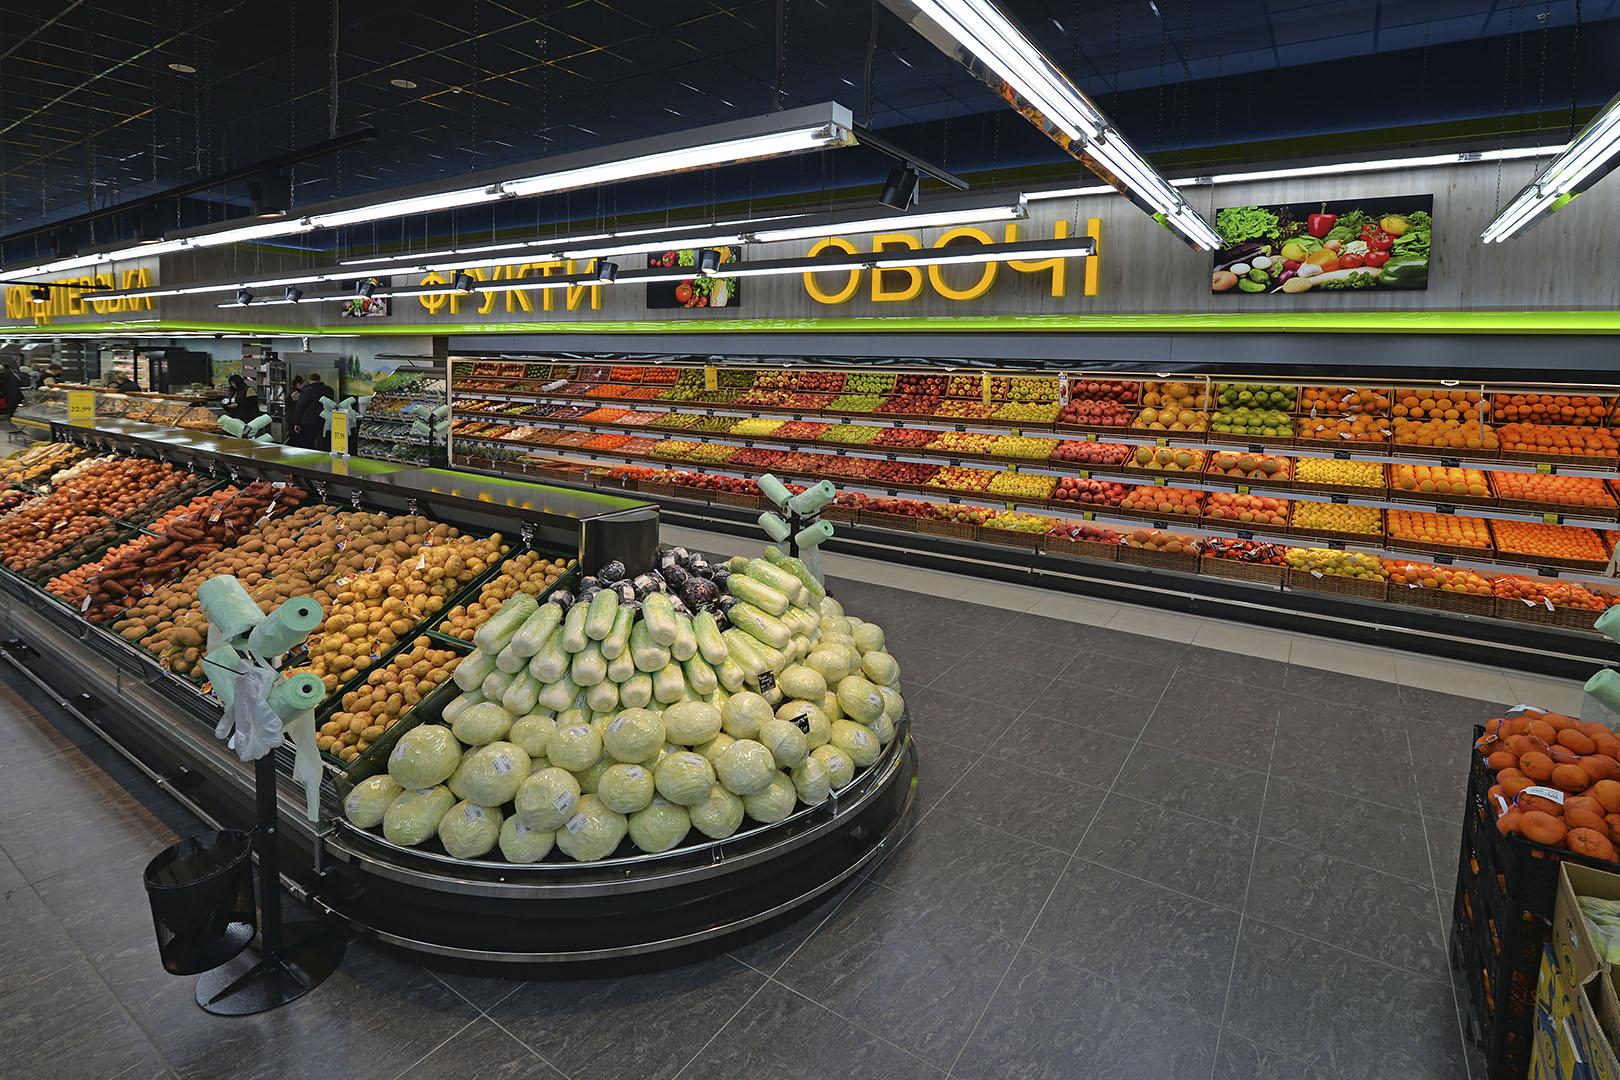 Спеціалізовані вітрини для продажу овочів та фруктів Louisiana VF MV 110 VF O 180-DLM, Indiana MV 100 FV O 220-DLM